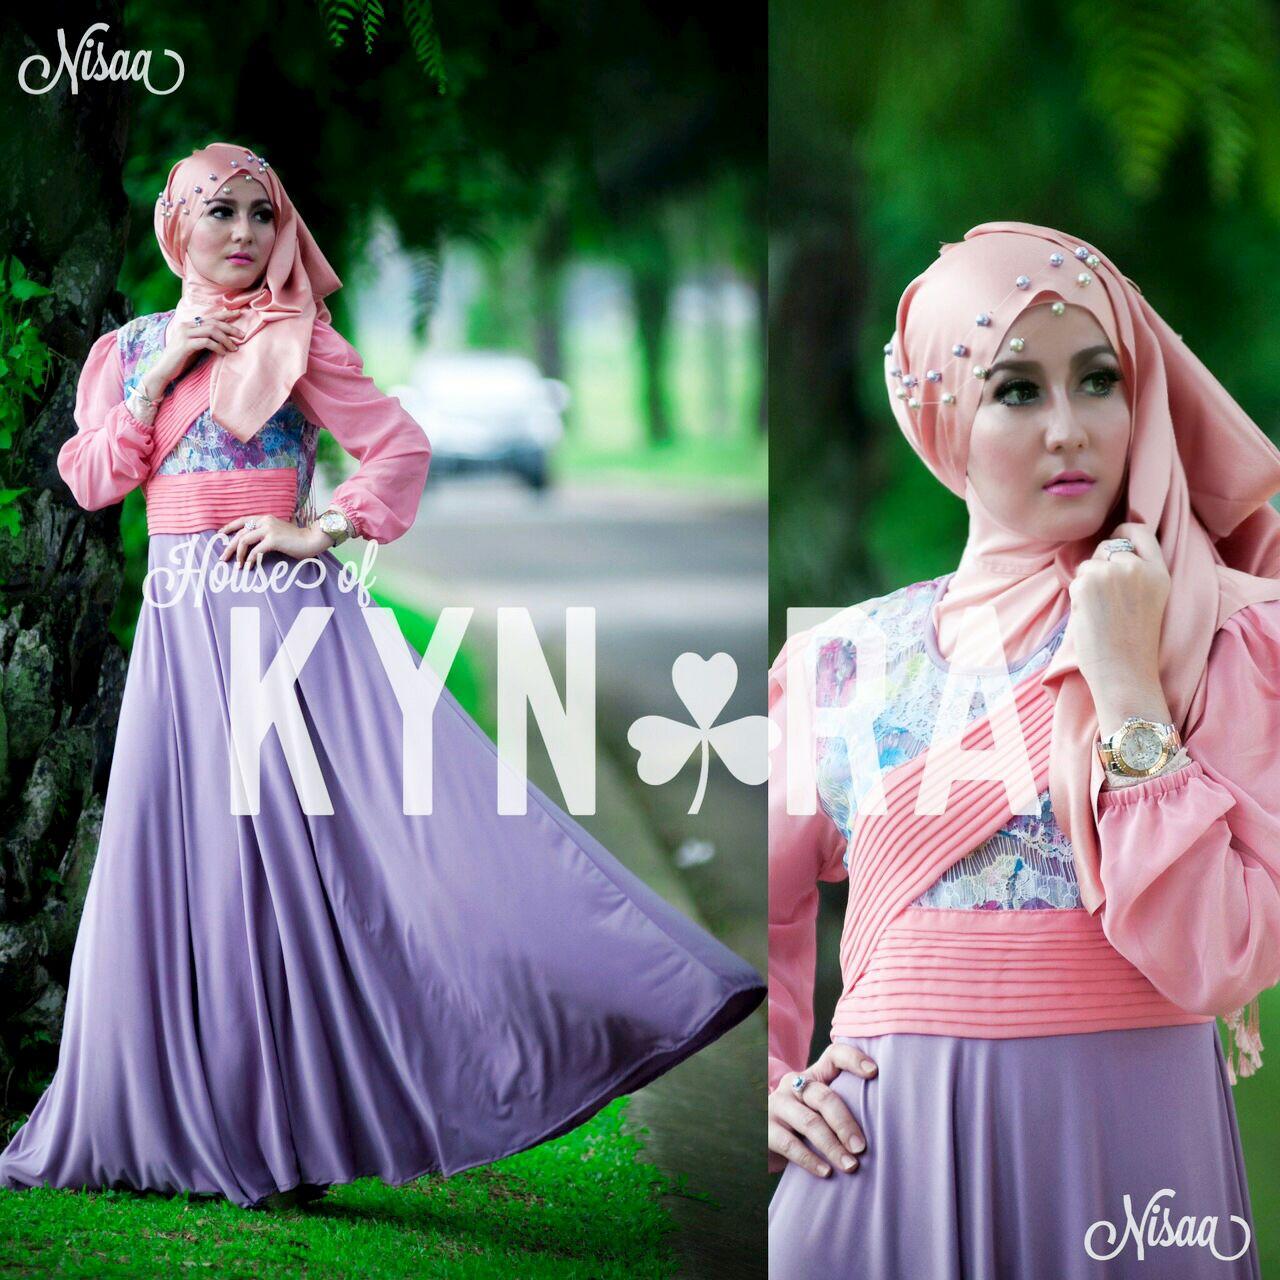 Busana Muslim Terbaru Nisaa by Kynara Lavender